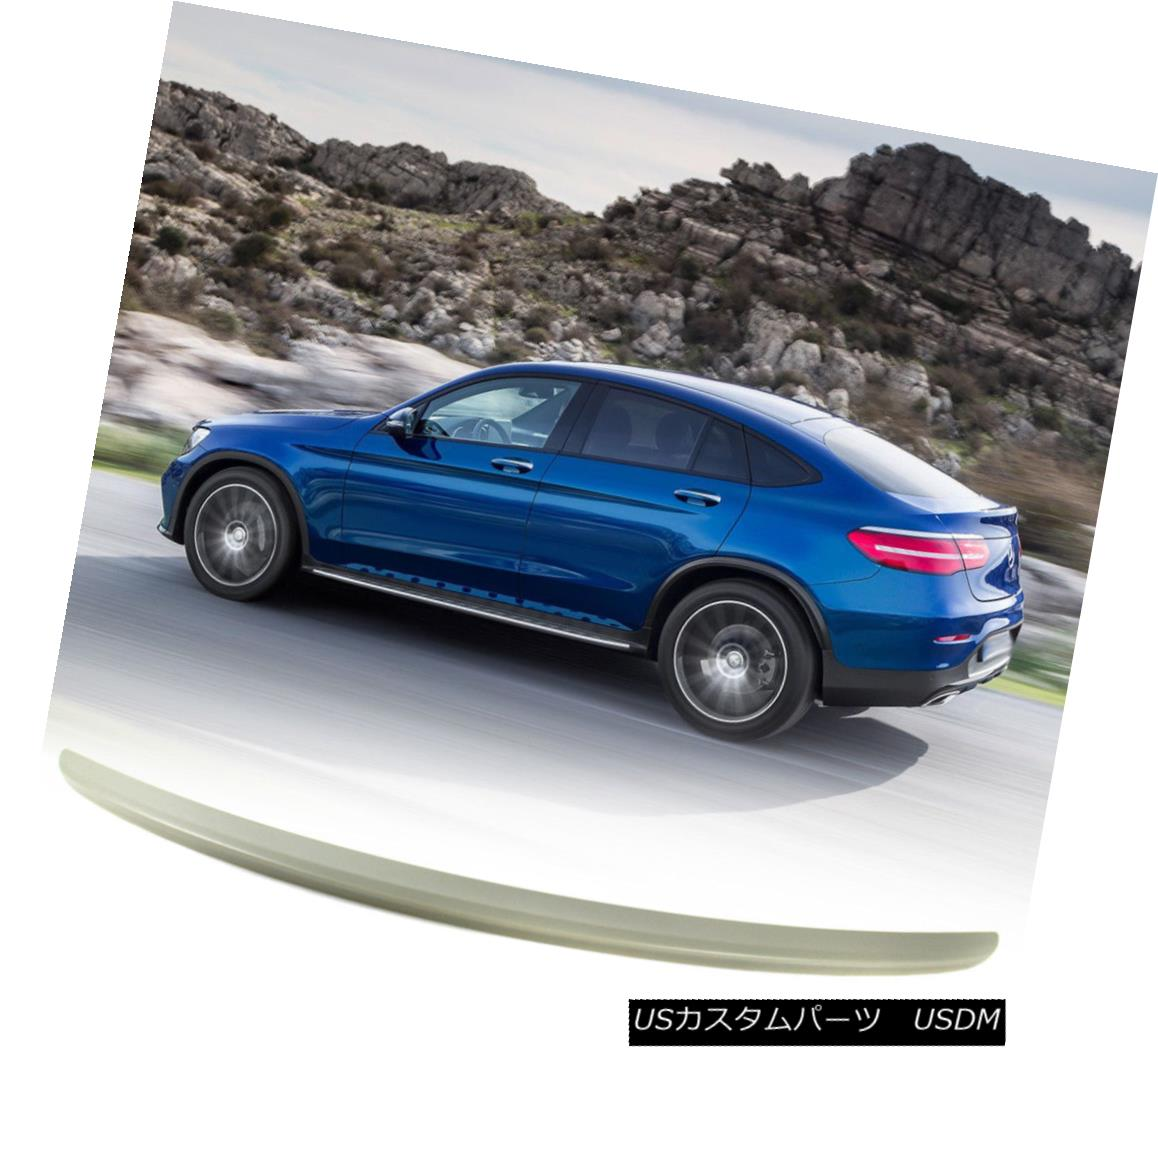 エアロパーツ Fit Mercedes BENZ GLC Class C253 A Look Rear Trunk Boot Spoiler Paint Color 2018 フィットメルセデスベンツGLCクラスC253ルックリアトランクブートスポイラーペイントカラー2018